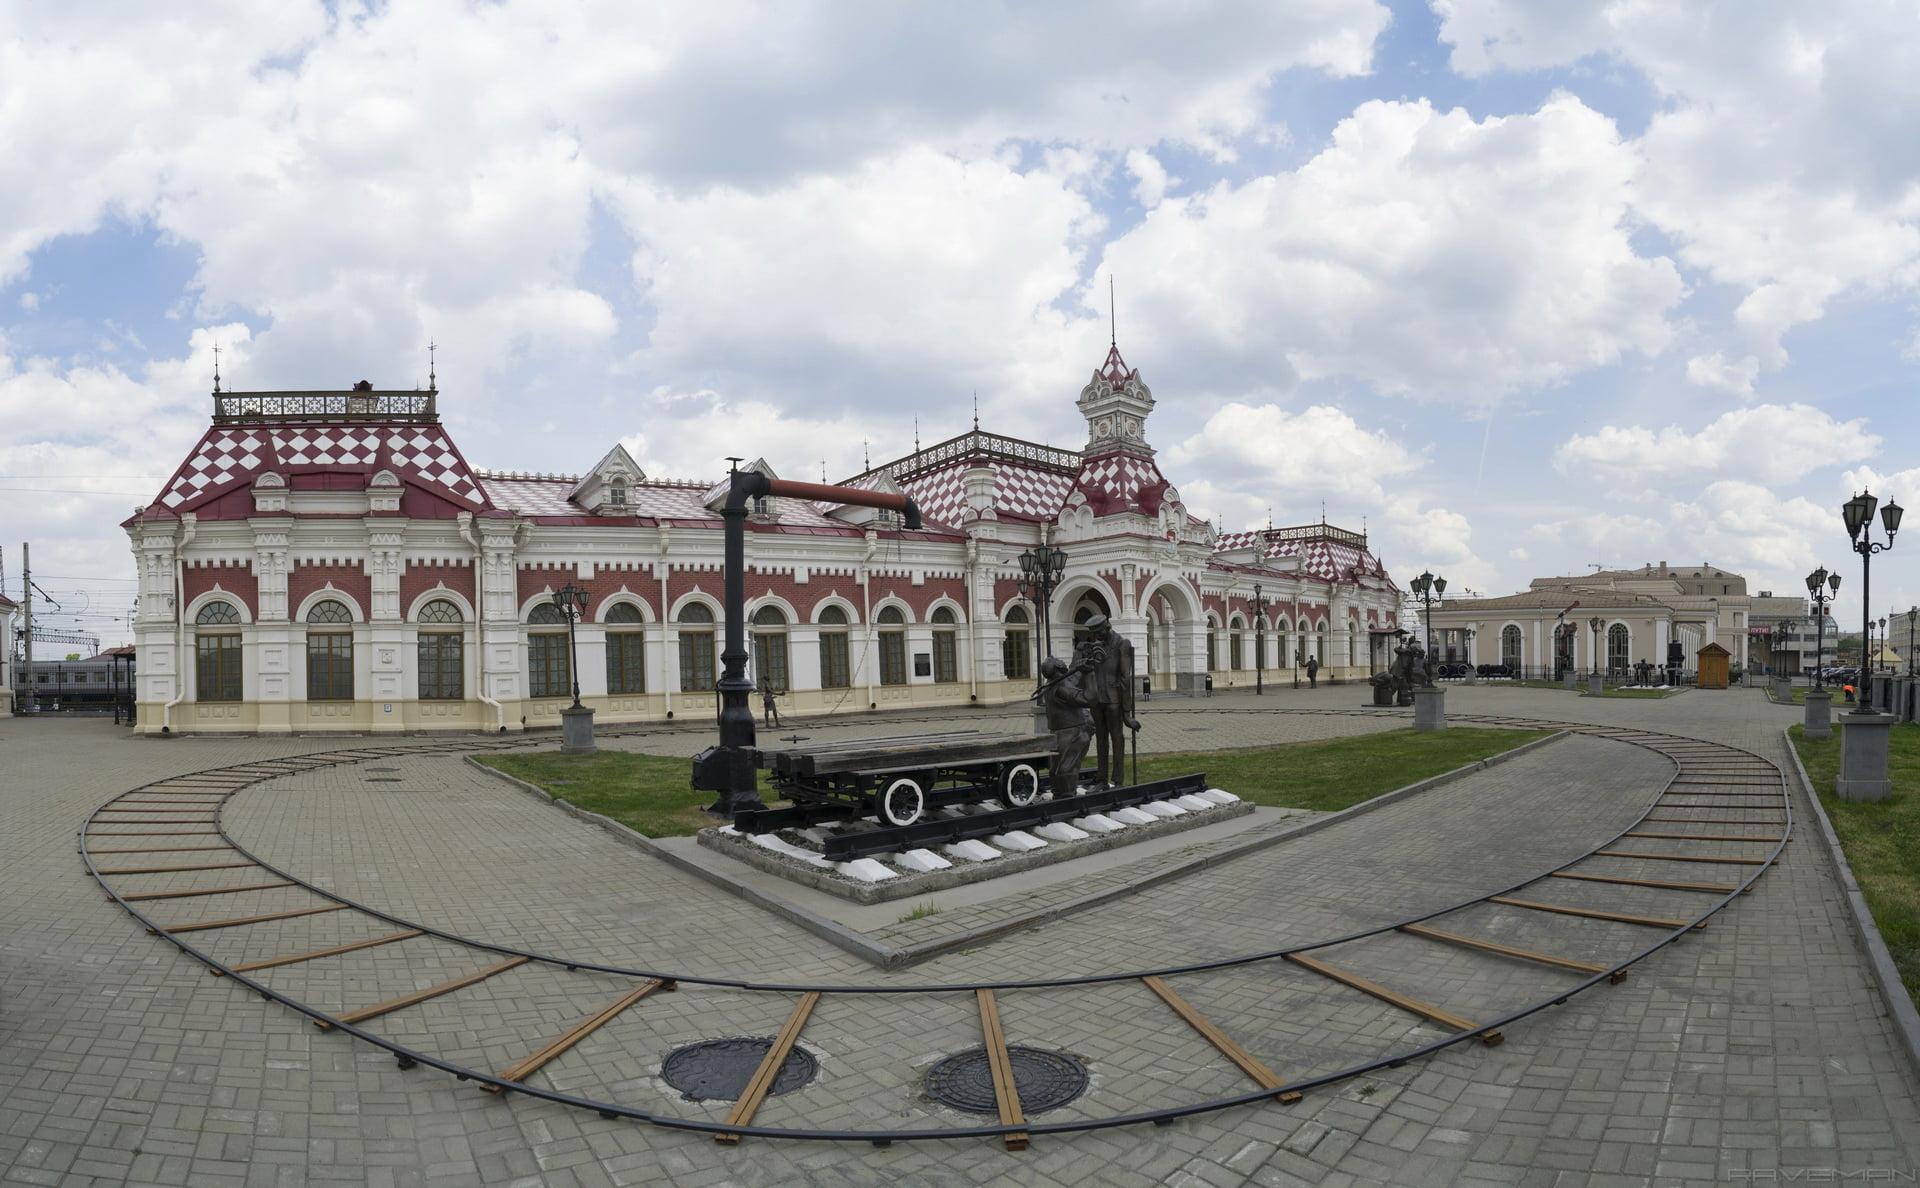 Екатеринбург. Музей Горнозаводской железной дороги